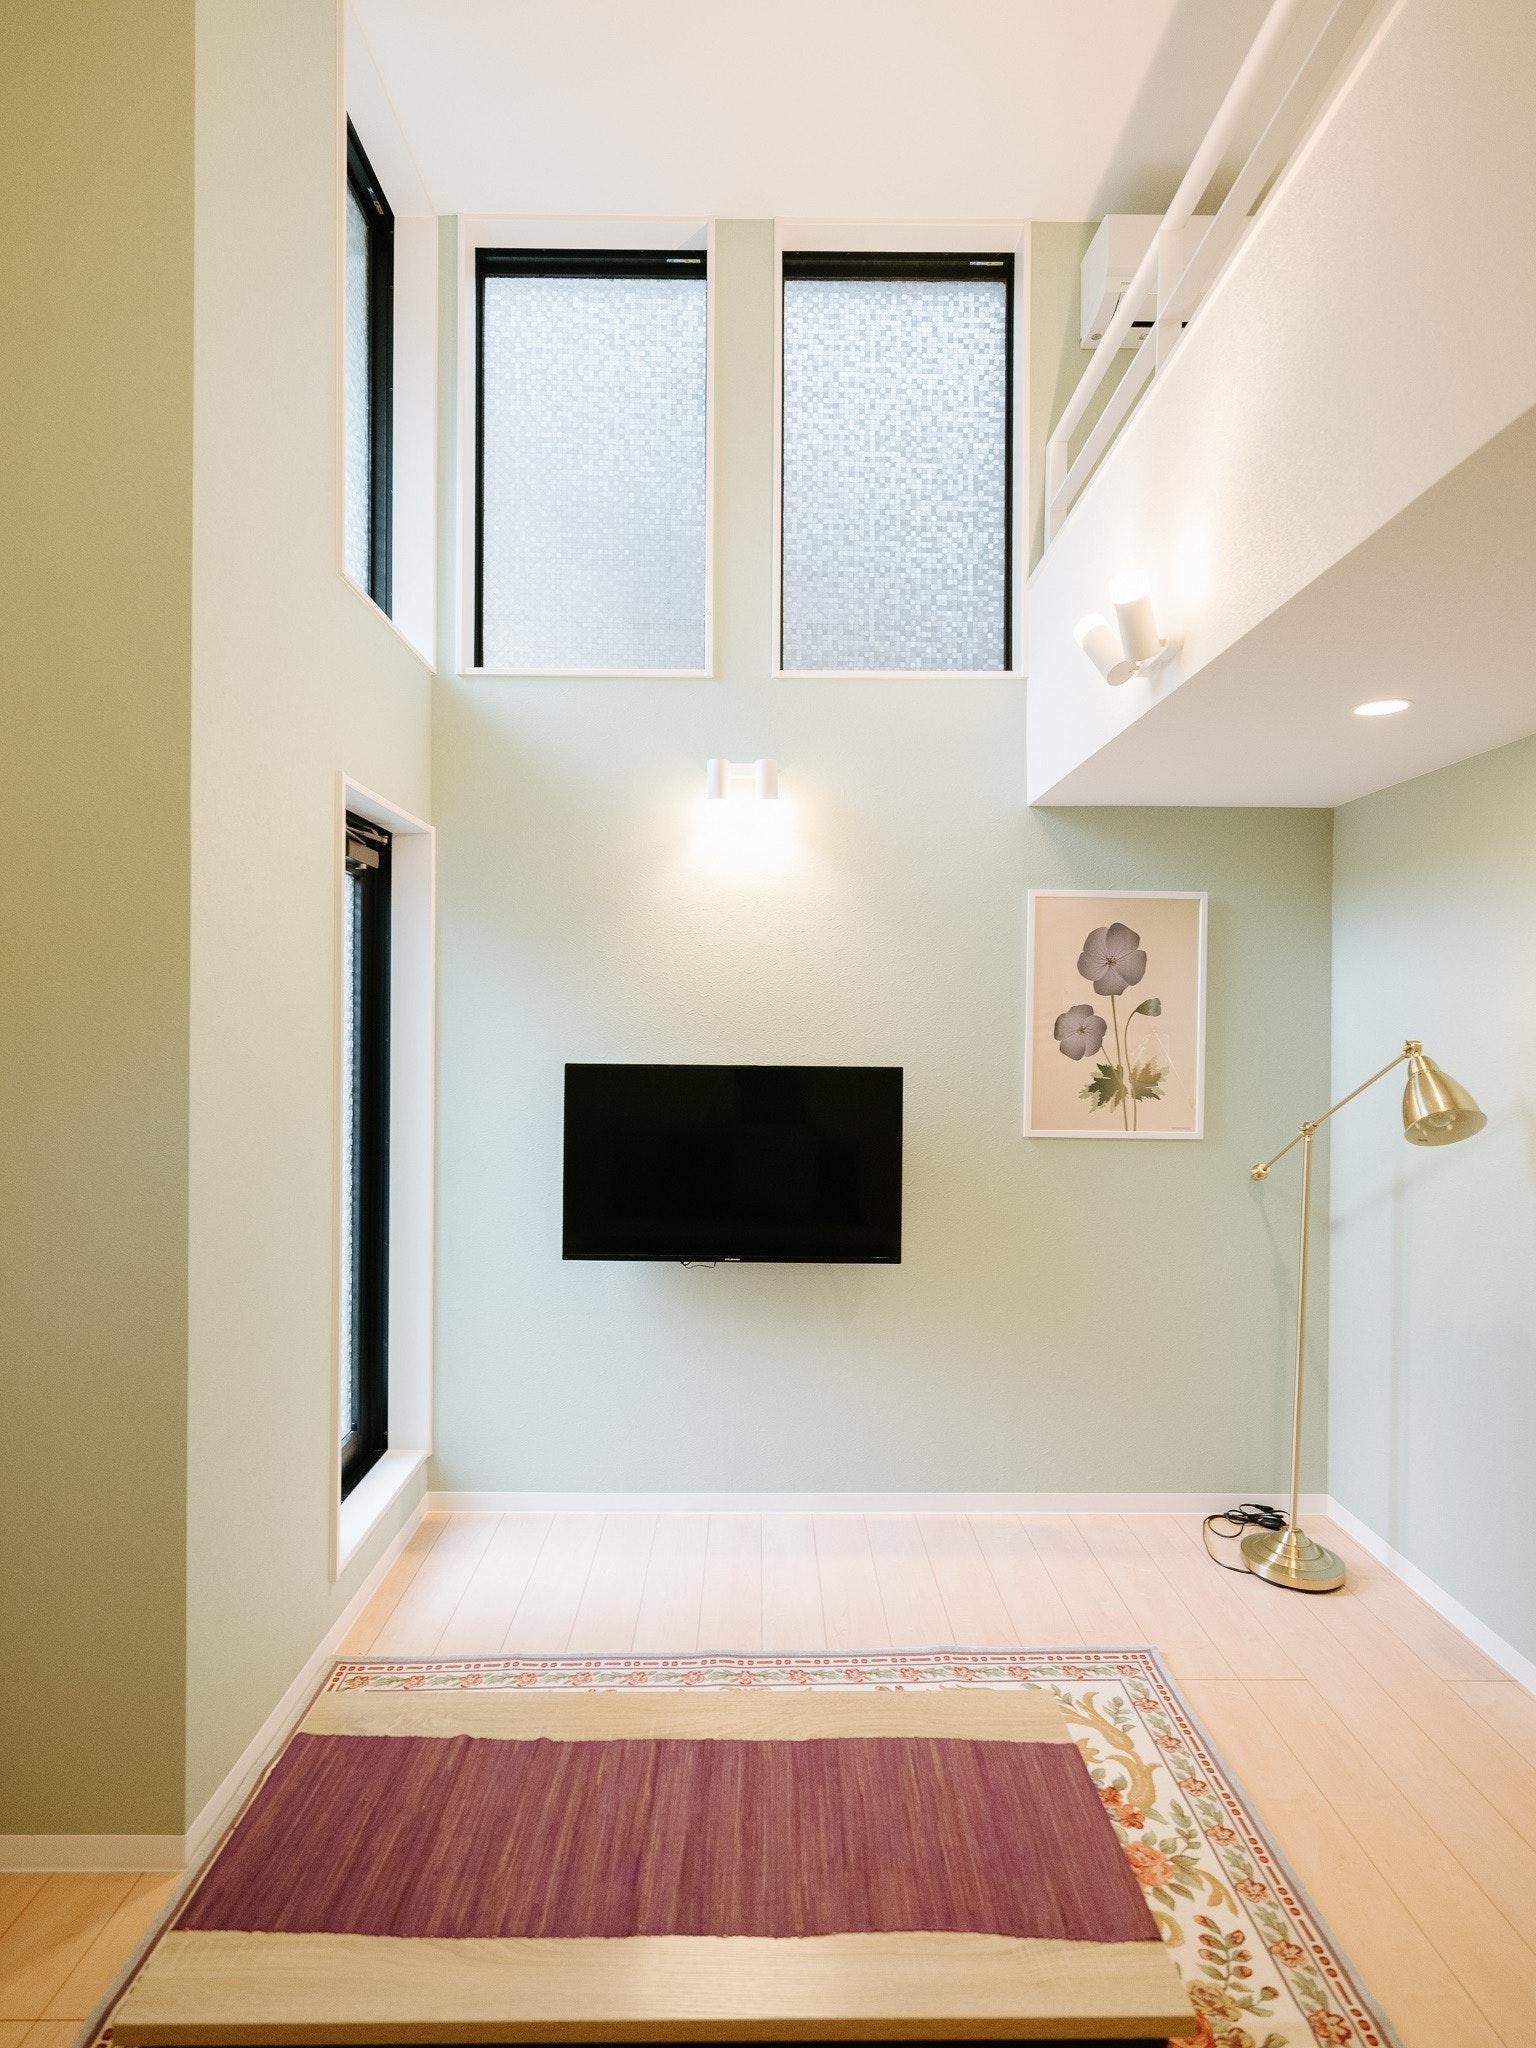 北欧スタイルの広いロフトがあるお部屋で快適に【REQRASサクラマチ102】